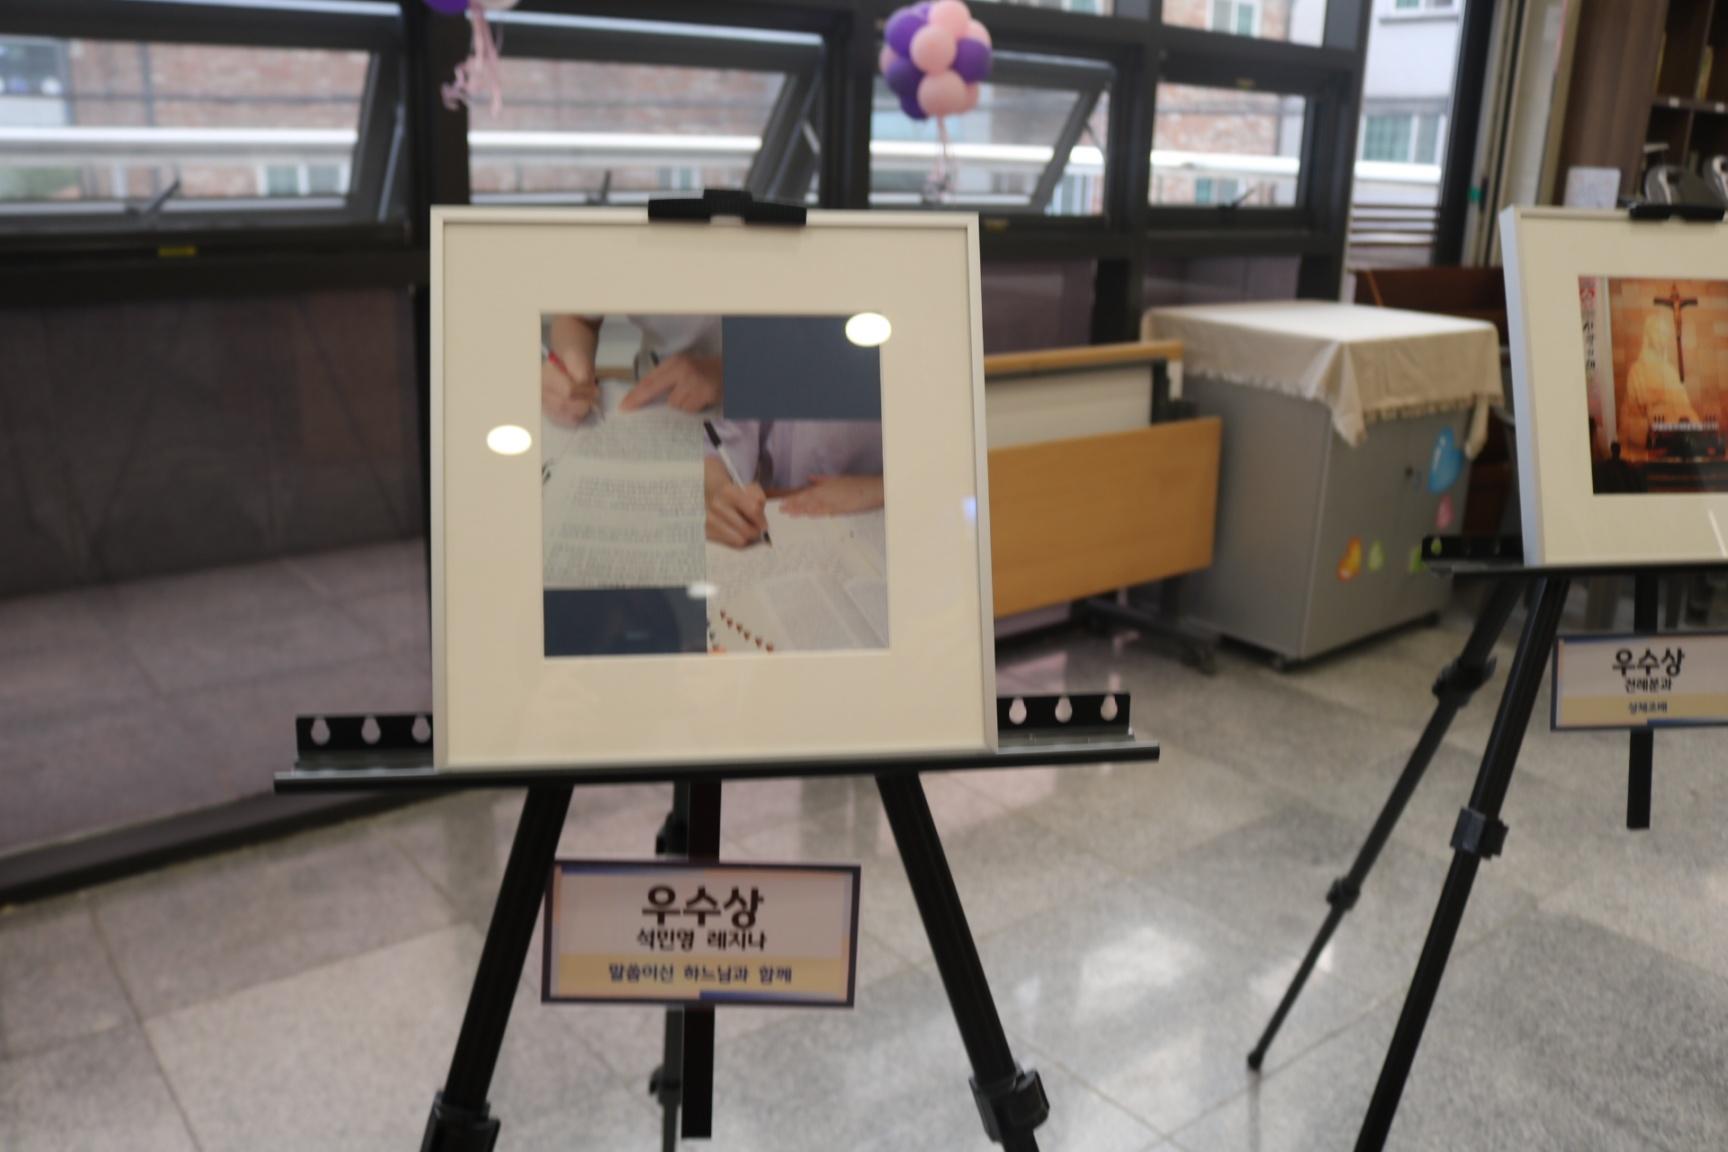 batch_2020-10-11 제11회 본당의 날  (23).JPG